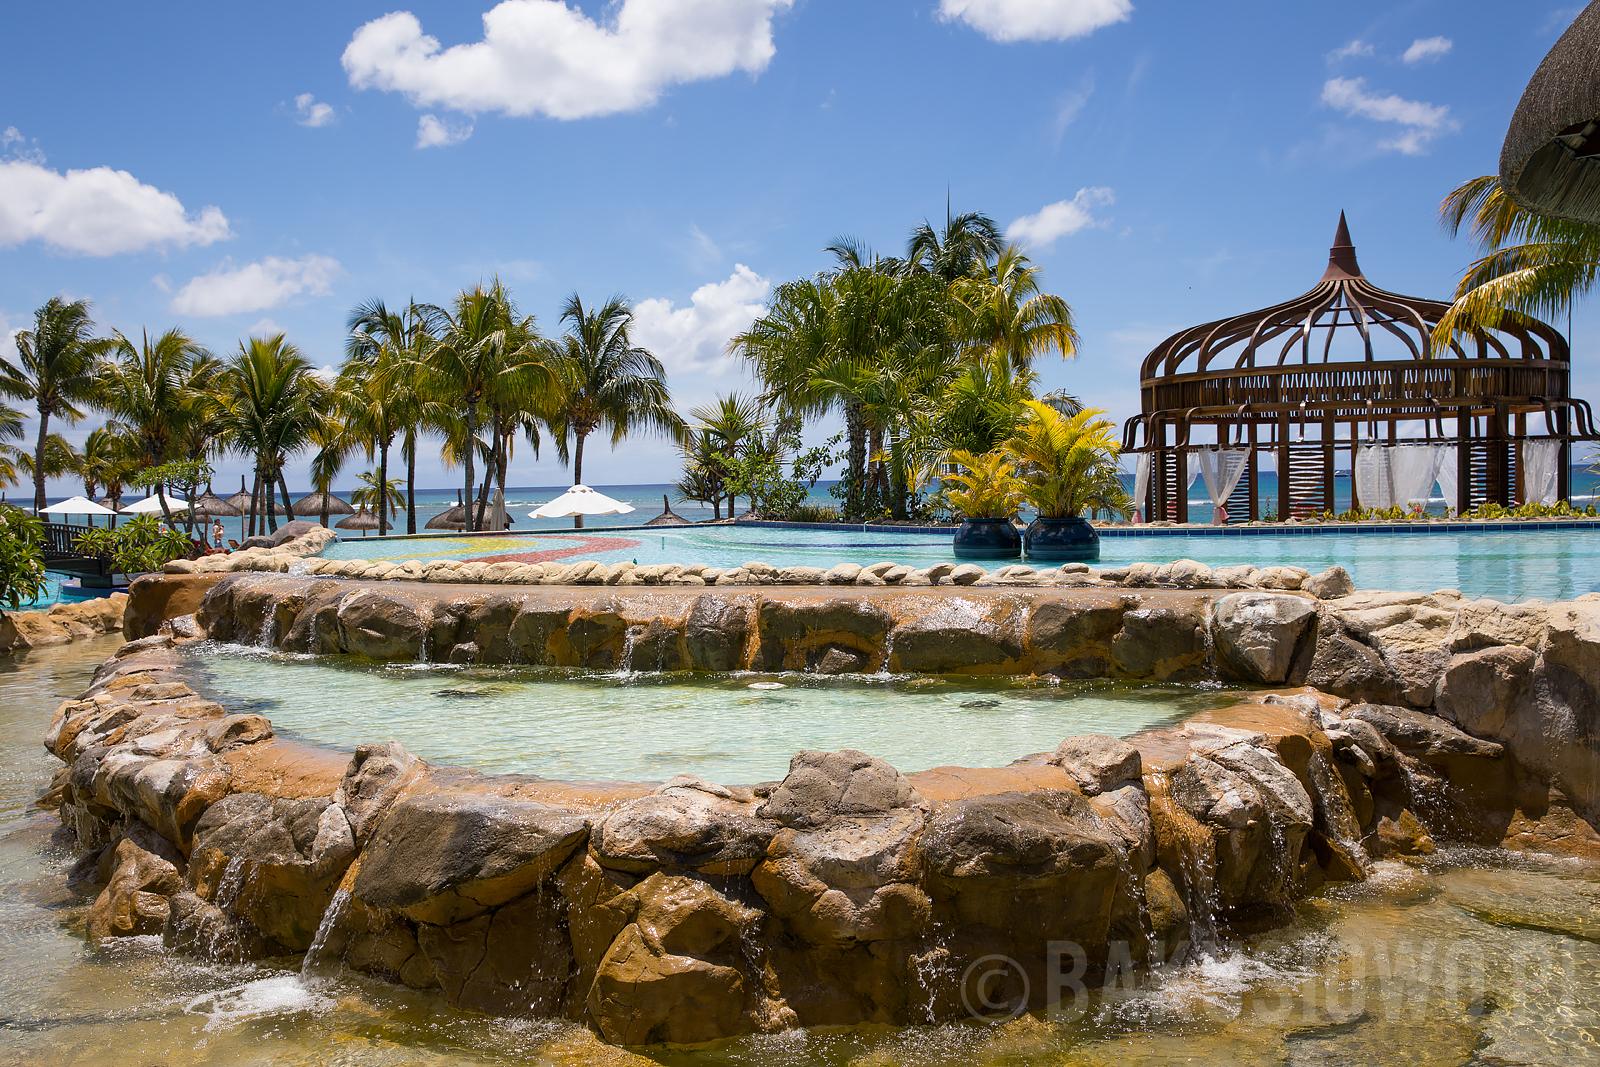 mauritius-le-meridien-photos-41